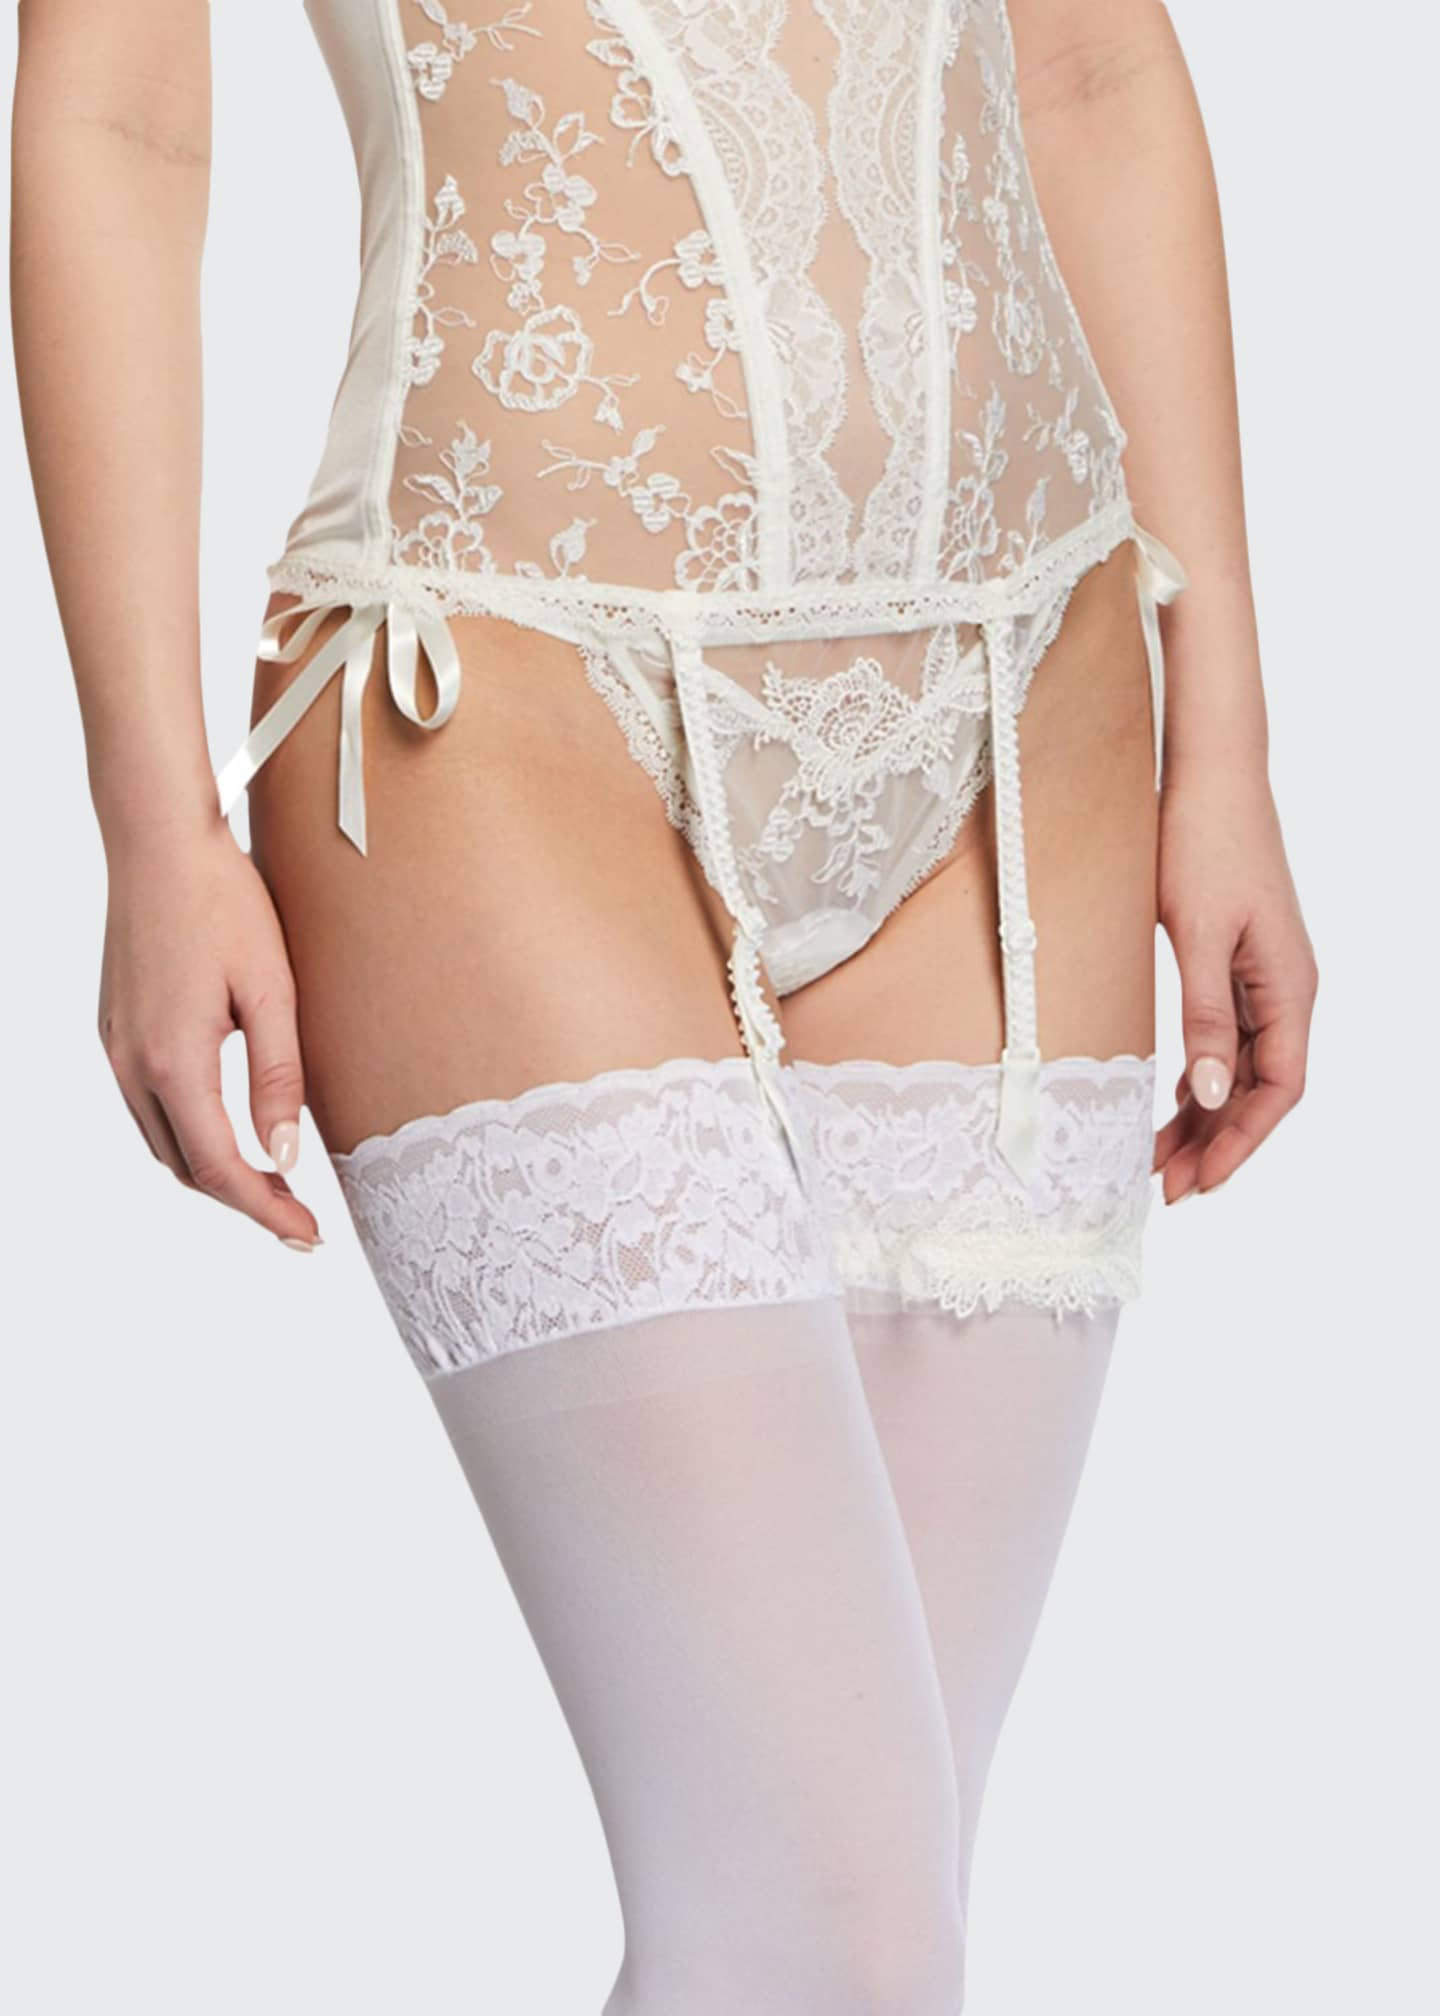 Lise Charmel Art Et Volupte Tie-Side Thong